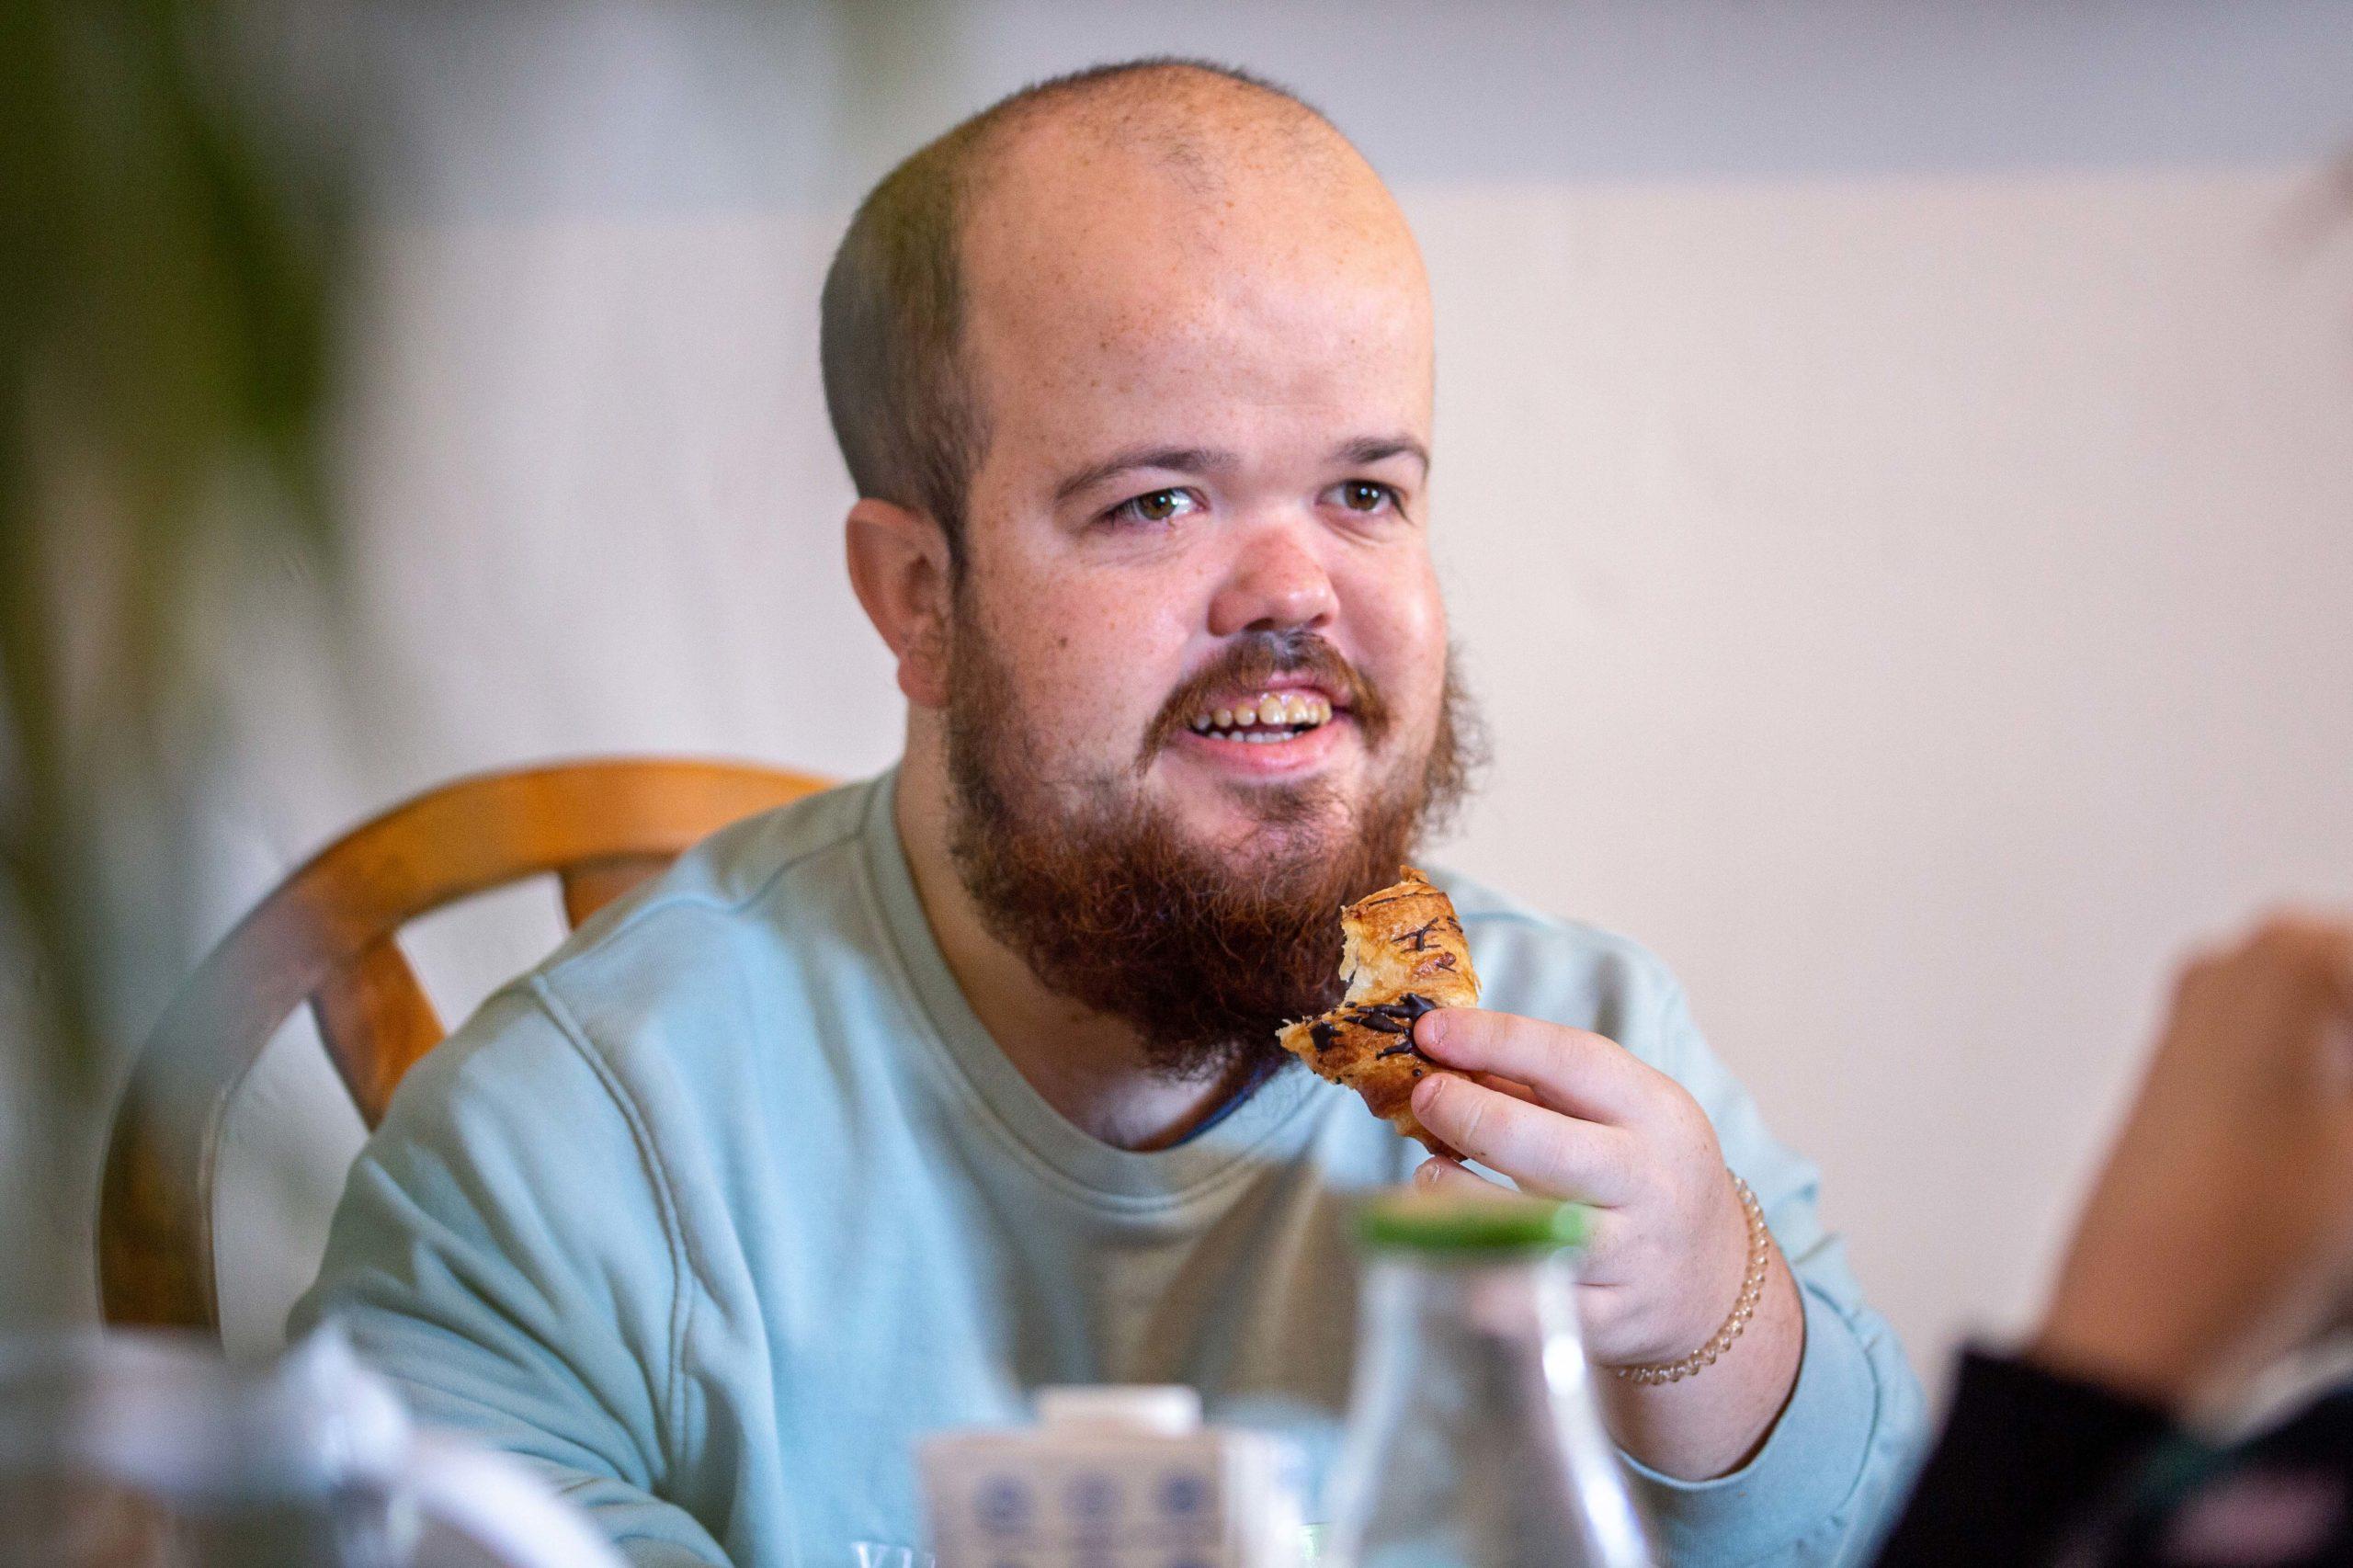 Un noi menjant un croissant al menjador